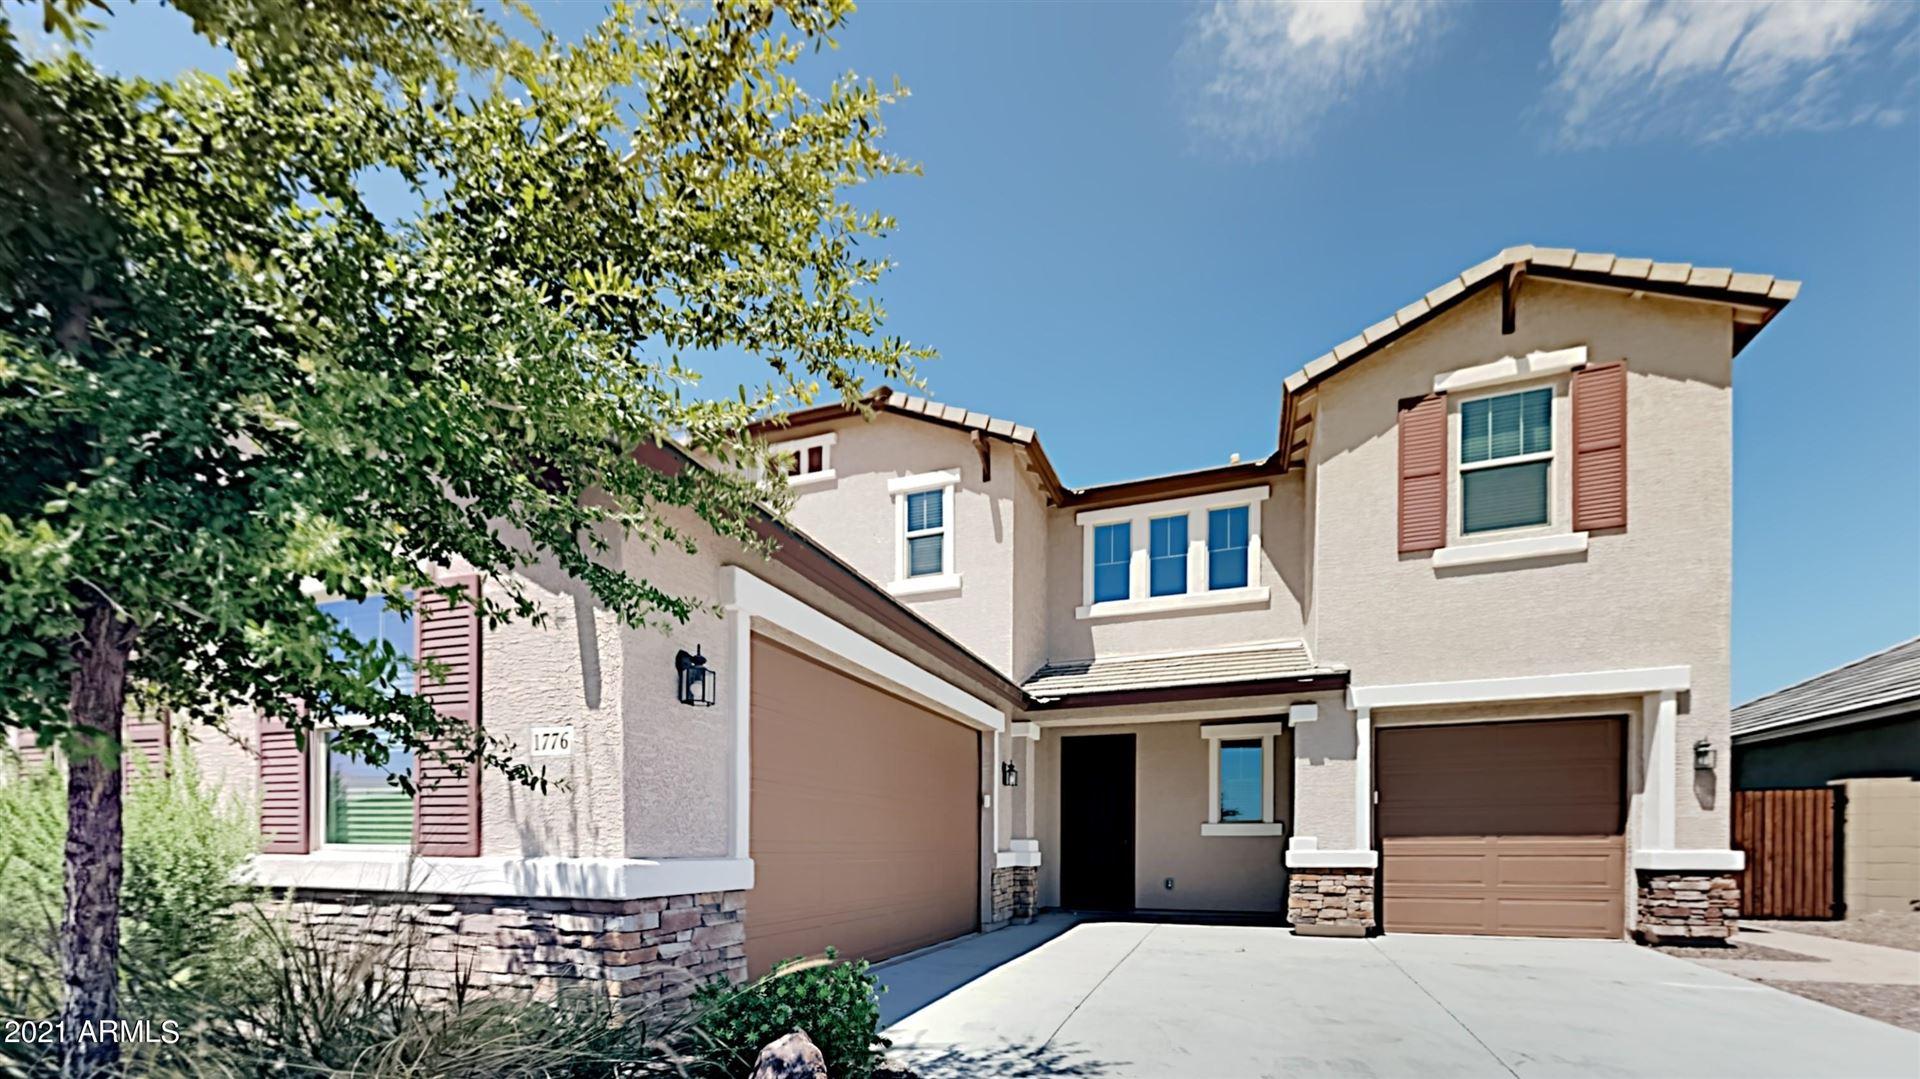 1776 N 214TH Lane, Buckeye, AZ 85396 - MLS#: 6261283